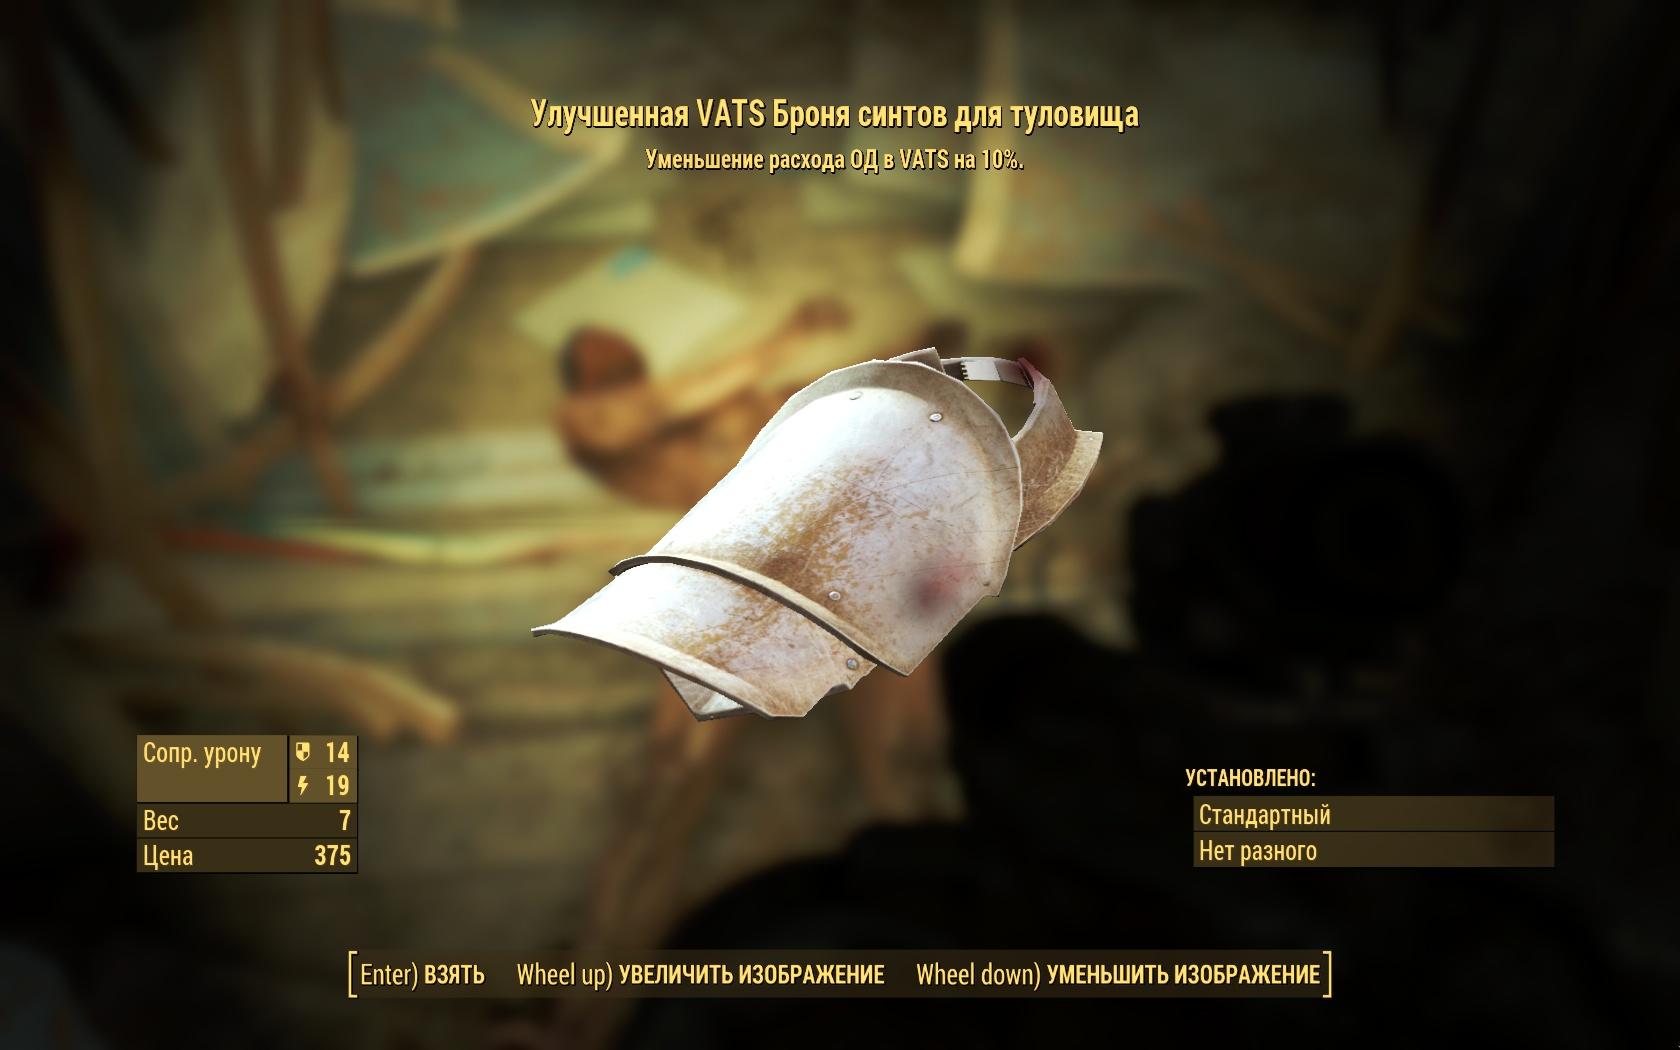 Улучшенная VATS броня синтов для туловища - Fallout 4 VATS, броня, Одежда, синтов, Улучшенная